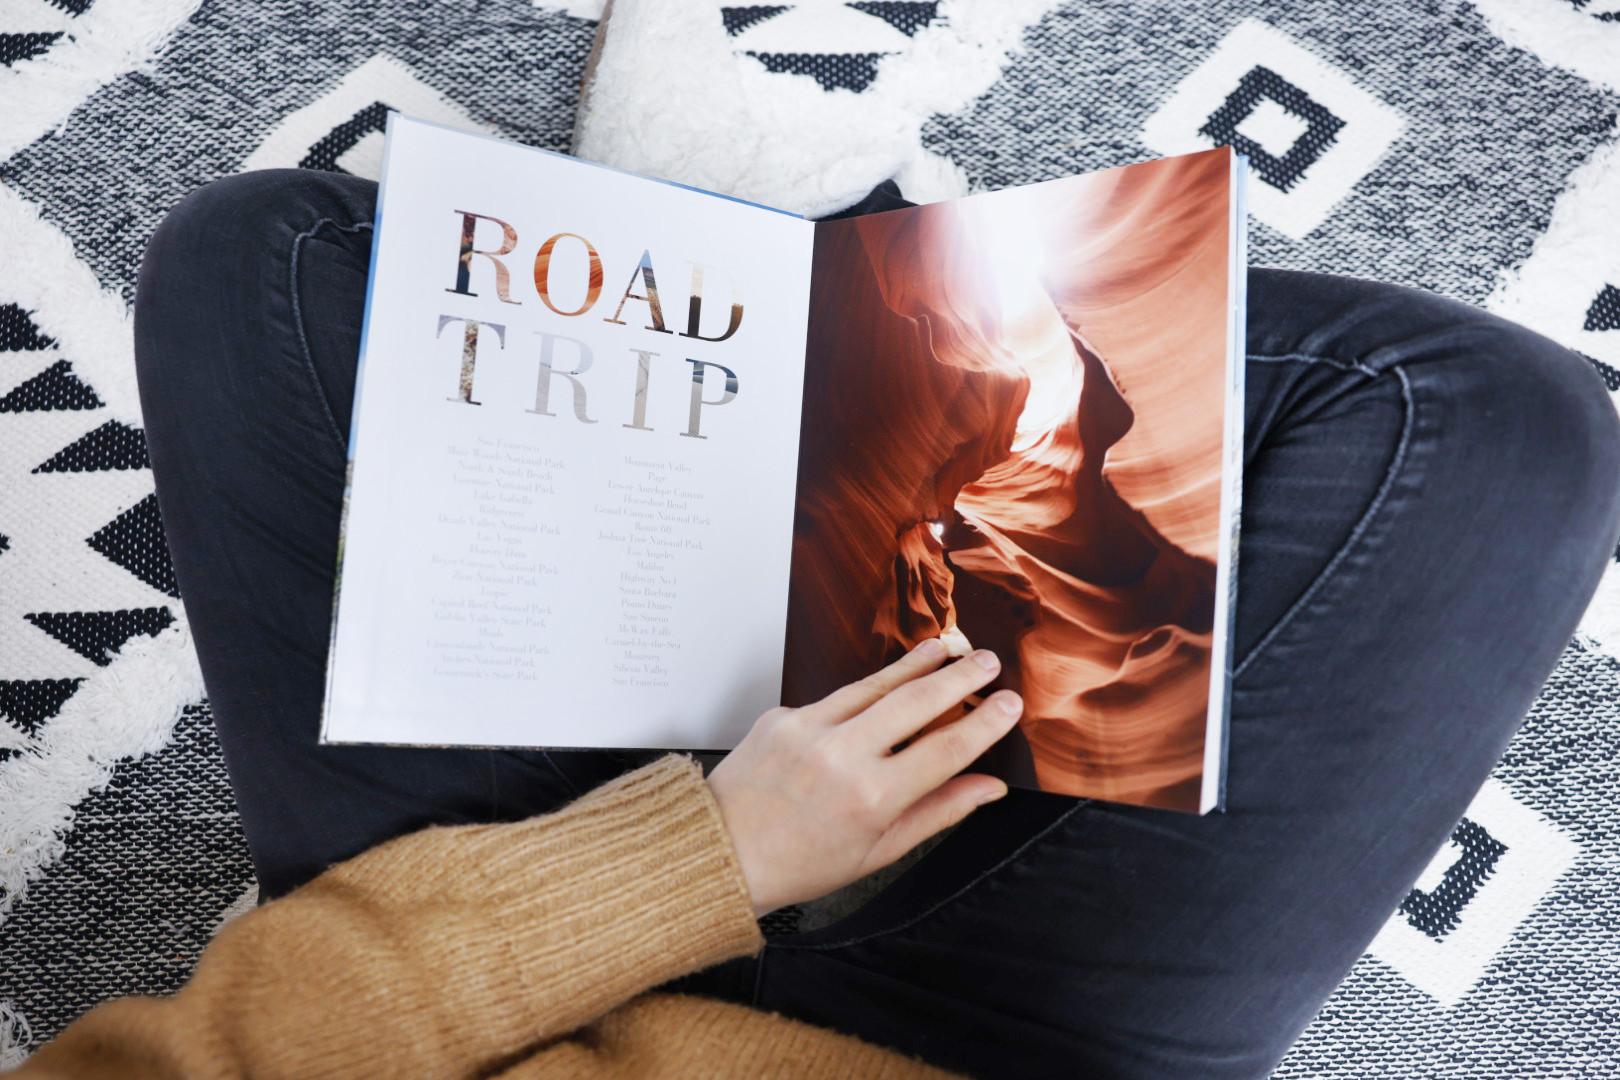 Ein Fotobuch zu gestalten ist wie die Reise selbst noch einmal zu durchleben